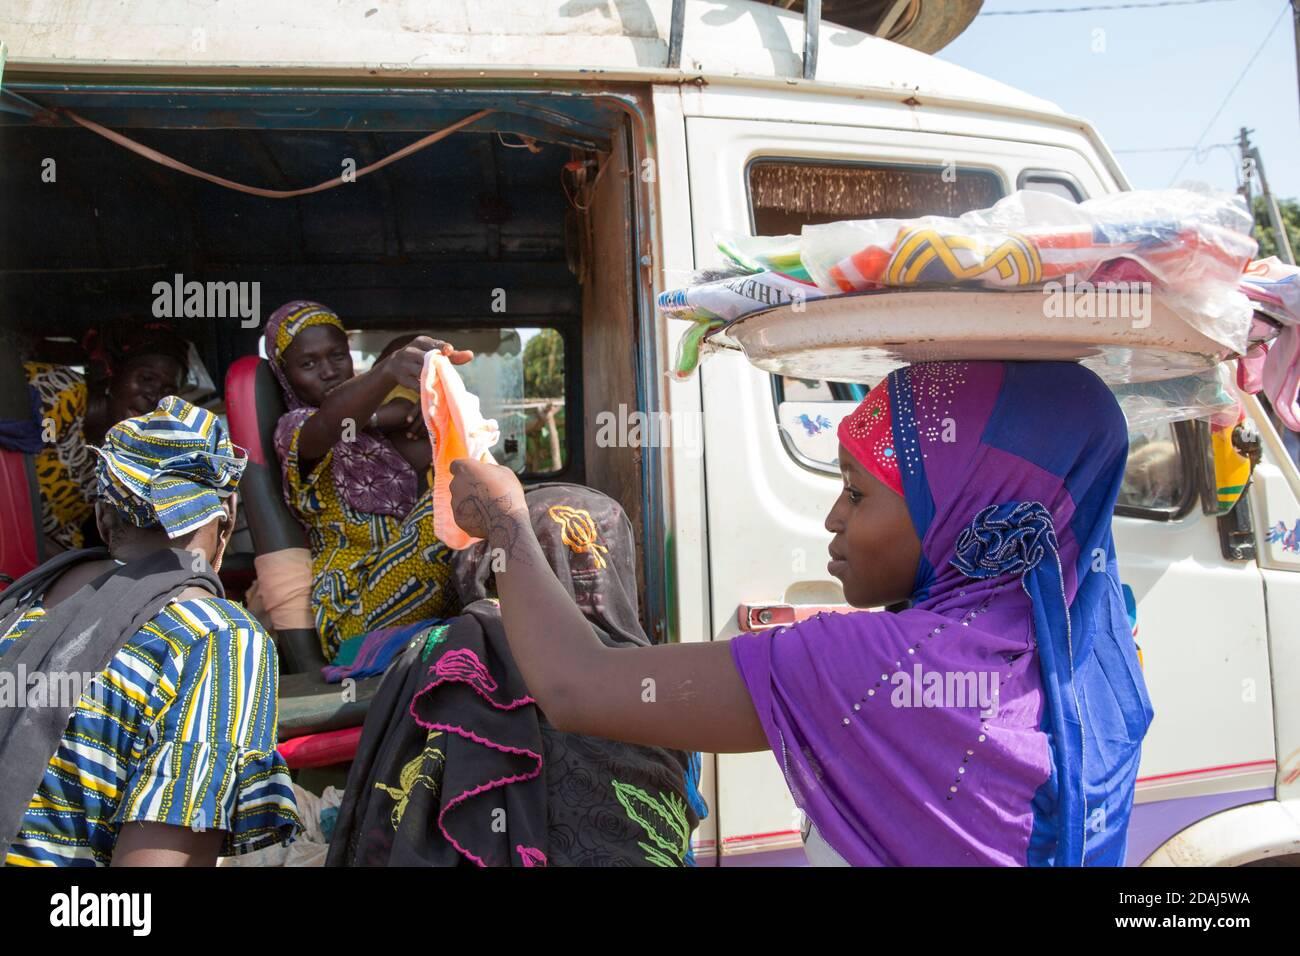 Selingue, Mali, le 25 avril 2015; UNE fille qui vend des sous-vêtements aux passagers d'autobus à la fin du marché. Banque D'Images